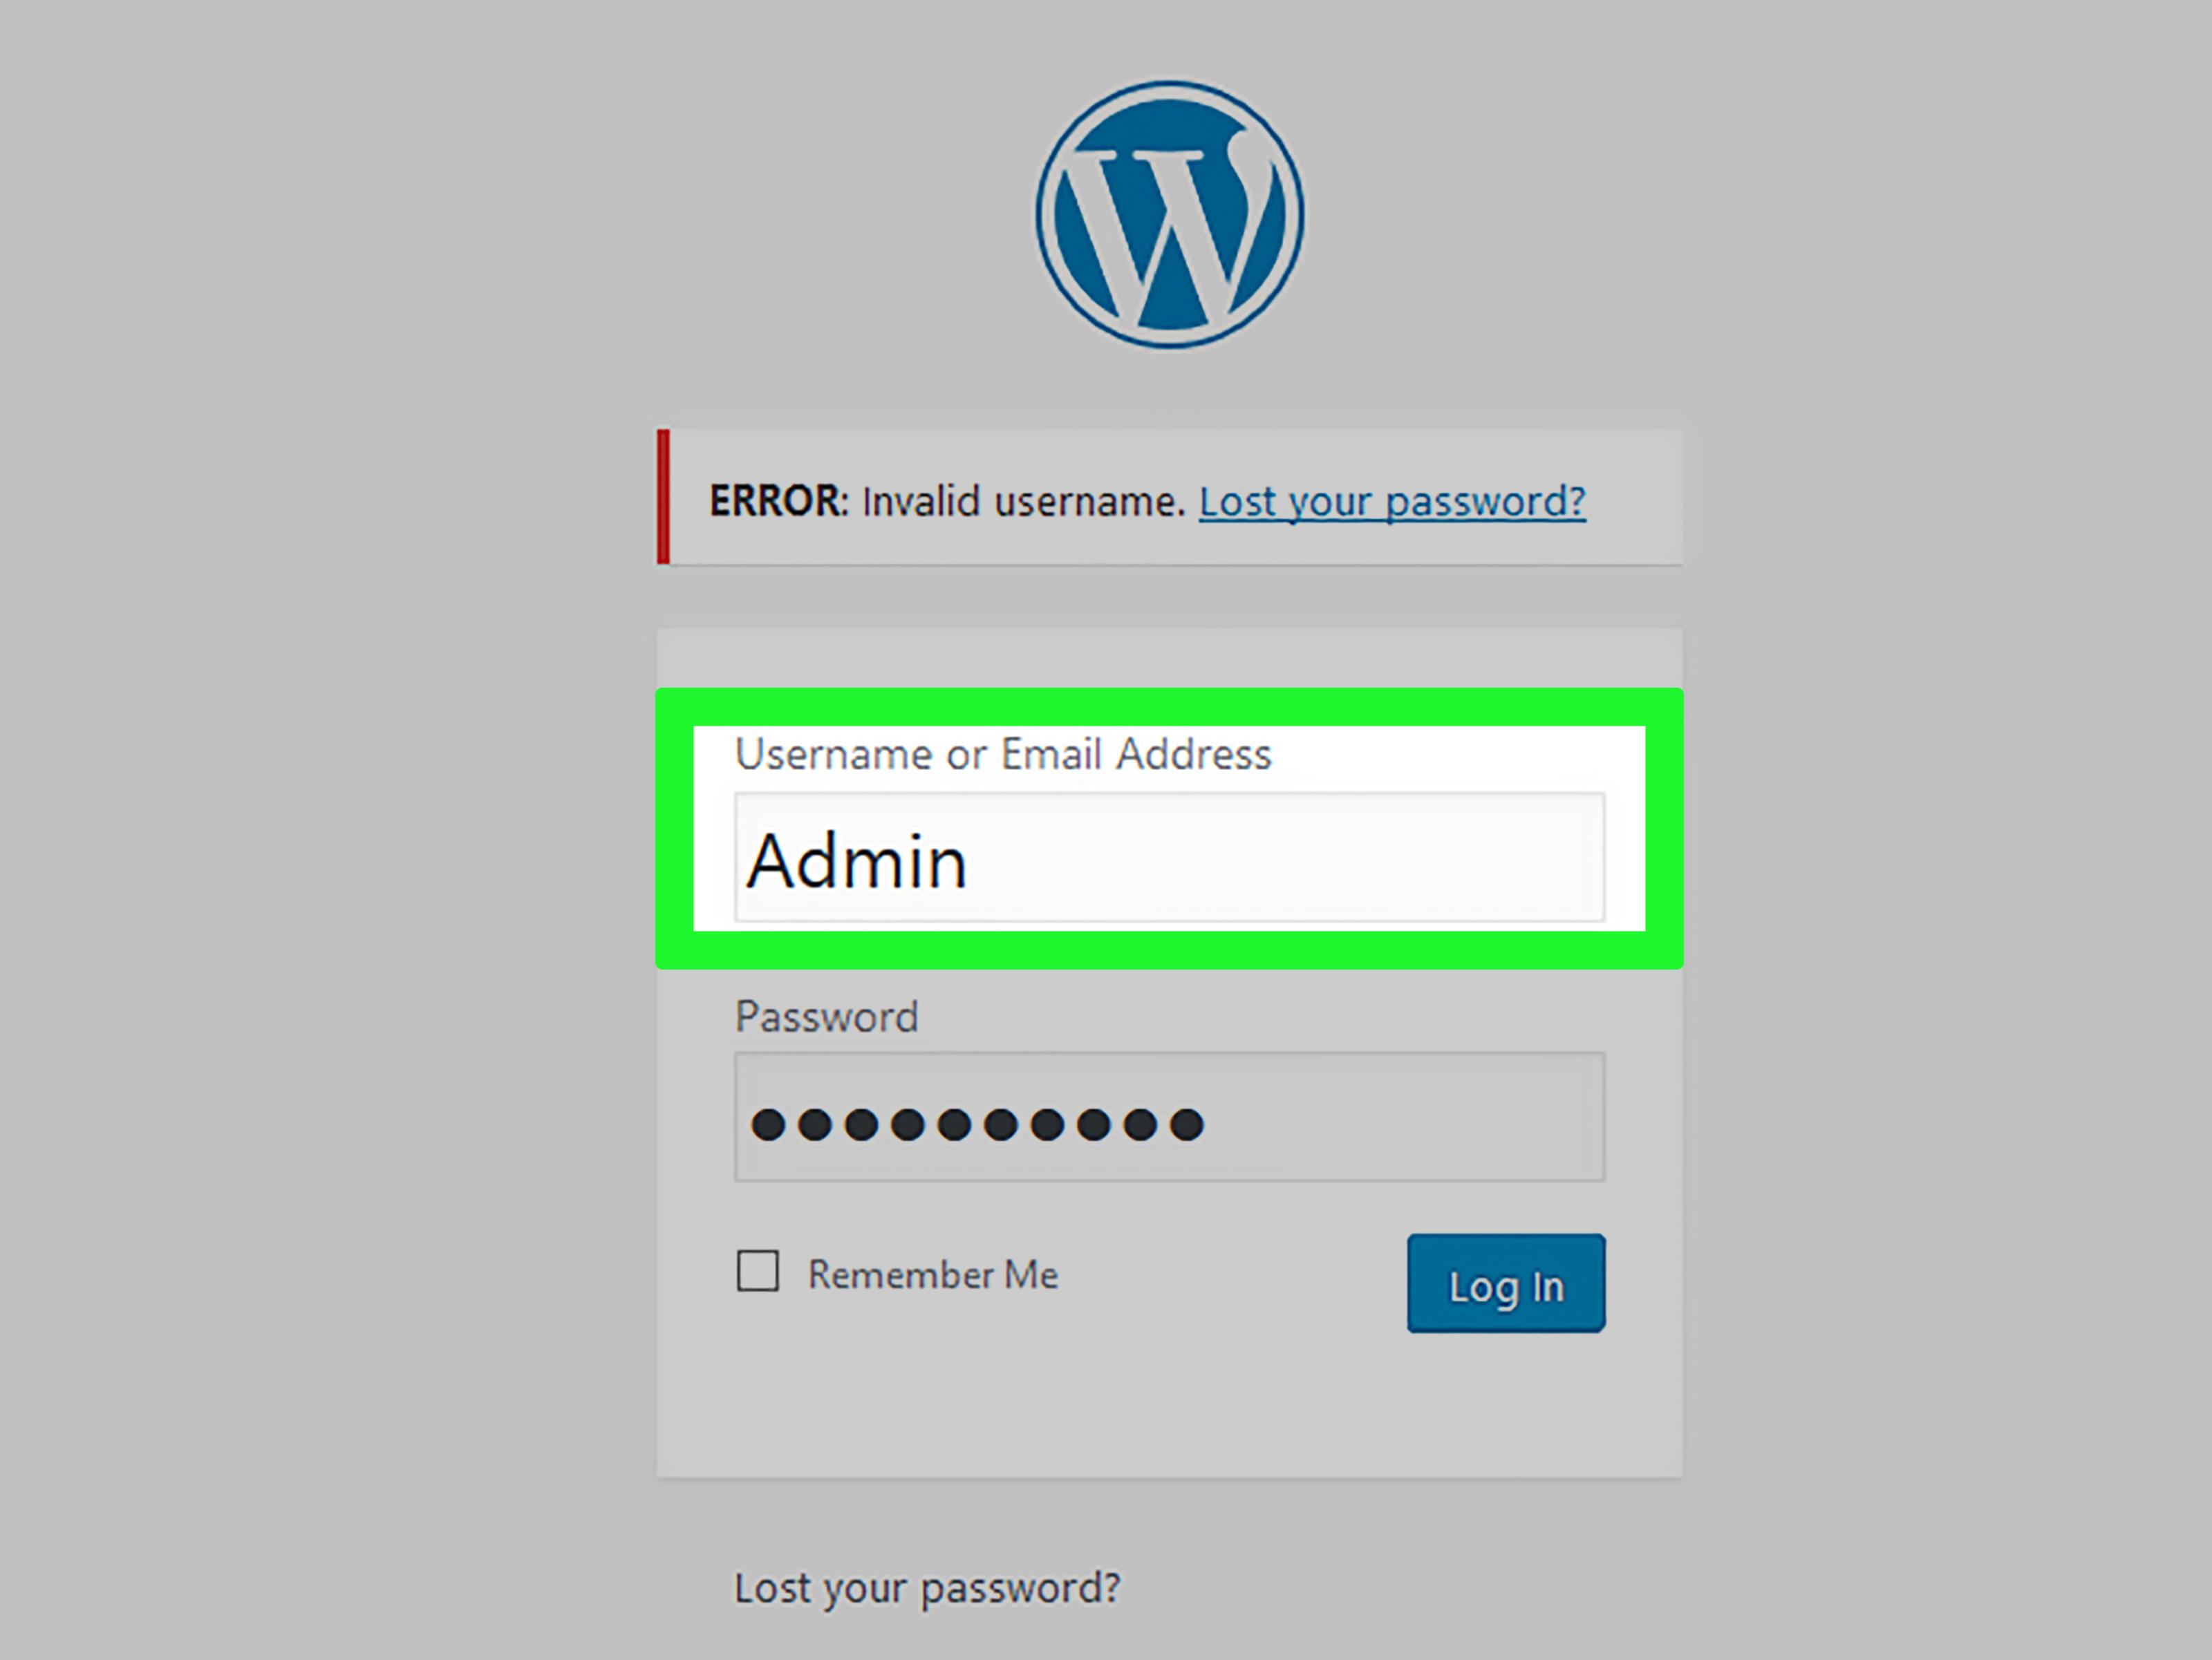 Thay đổi mật khẩu bảo mật website của bạn